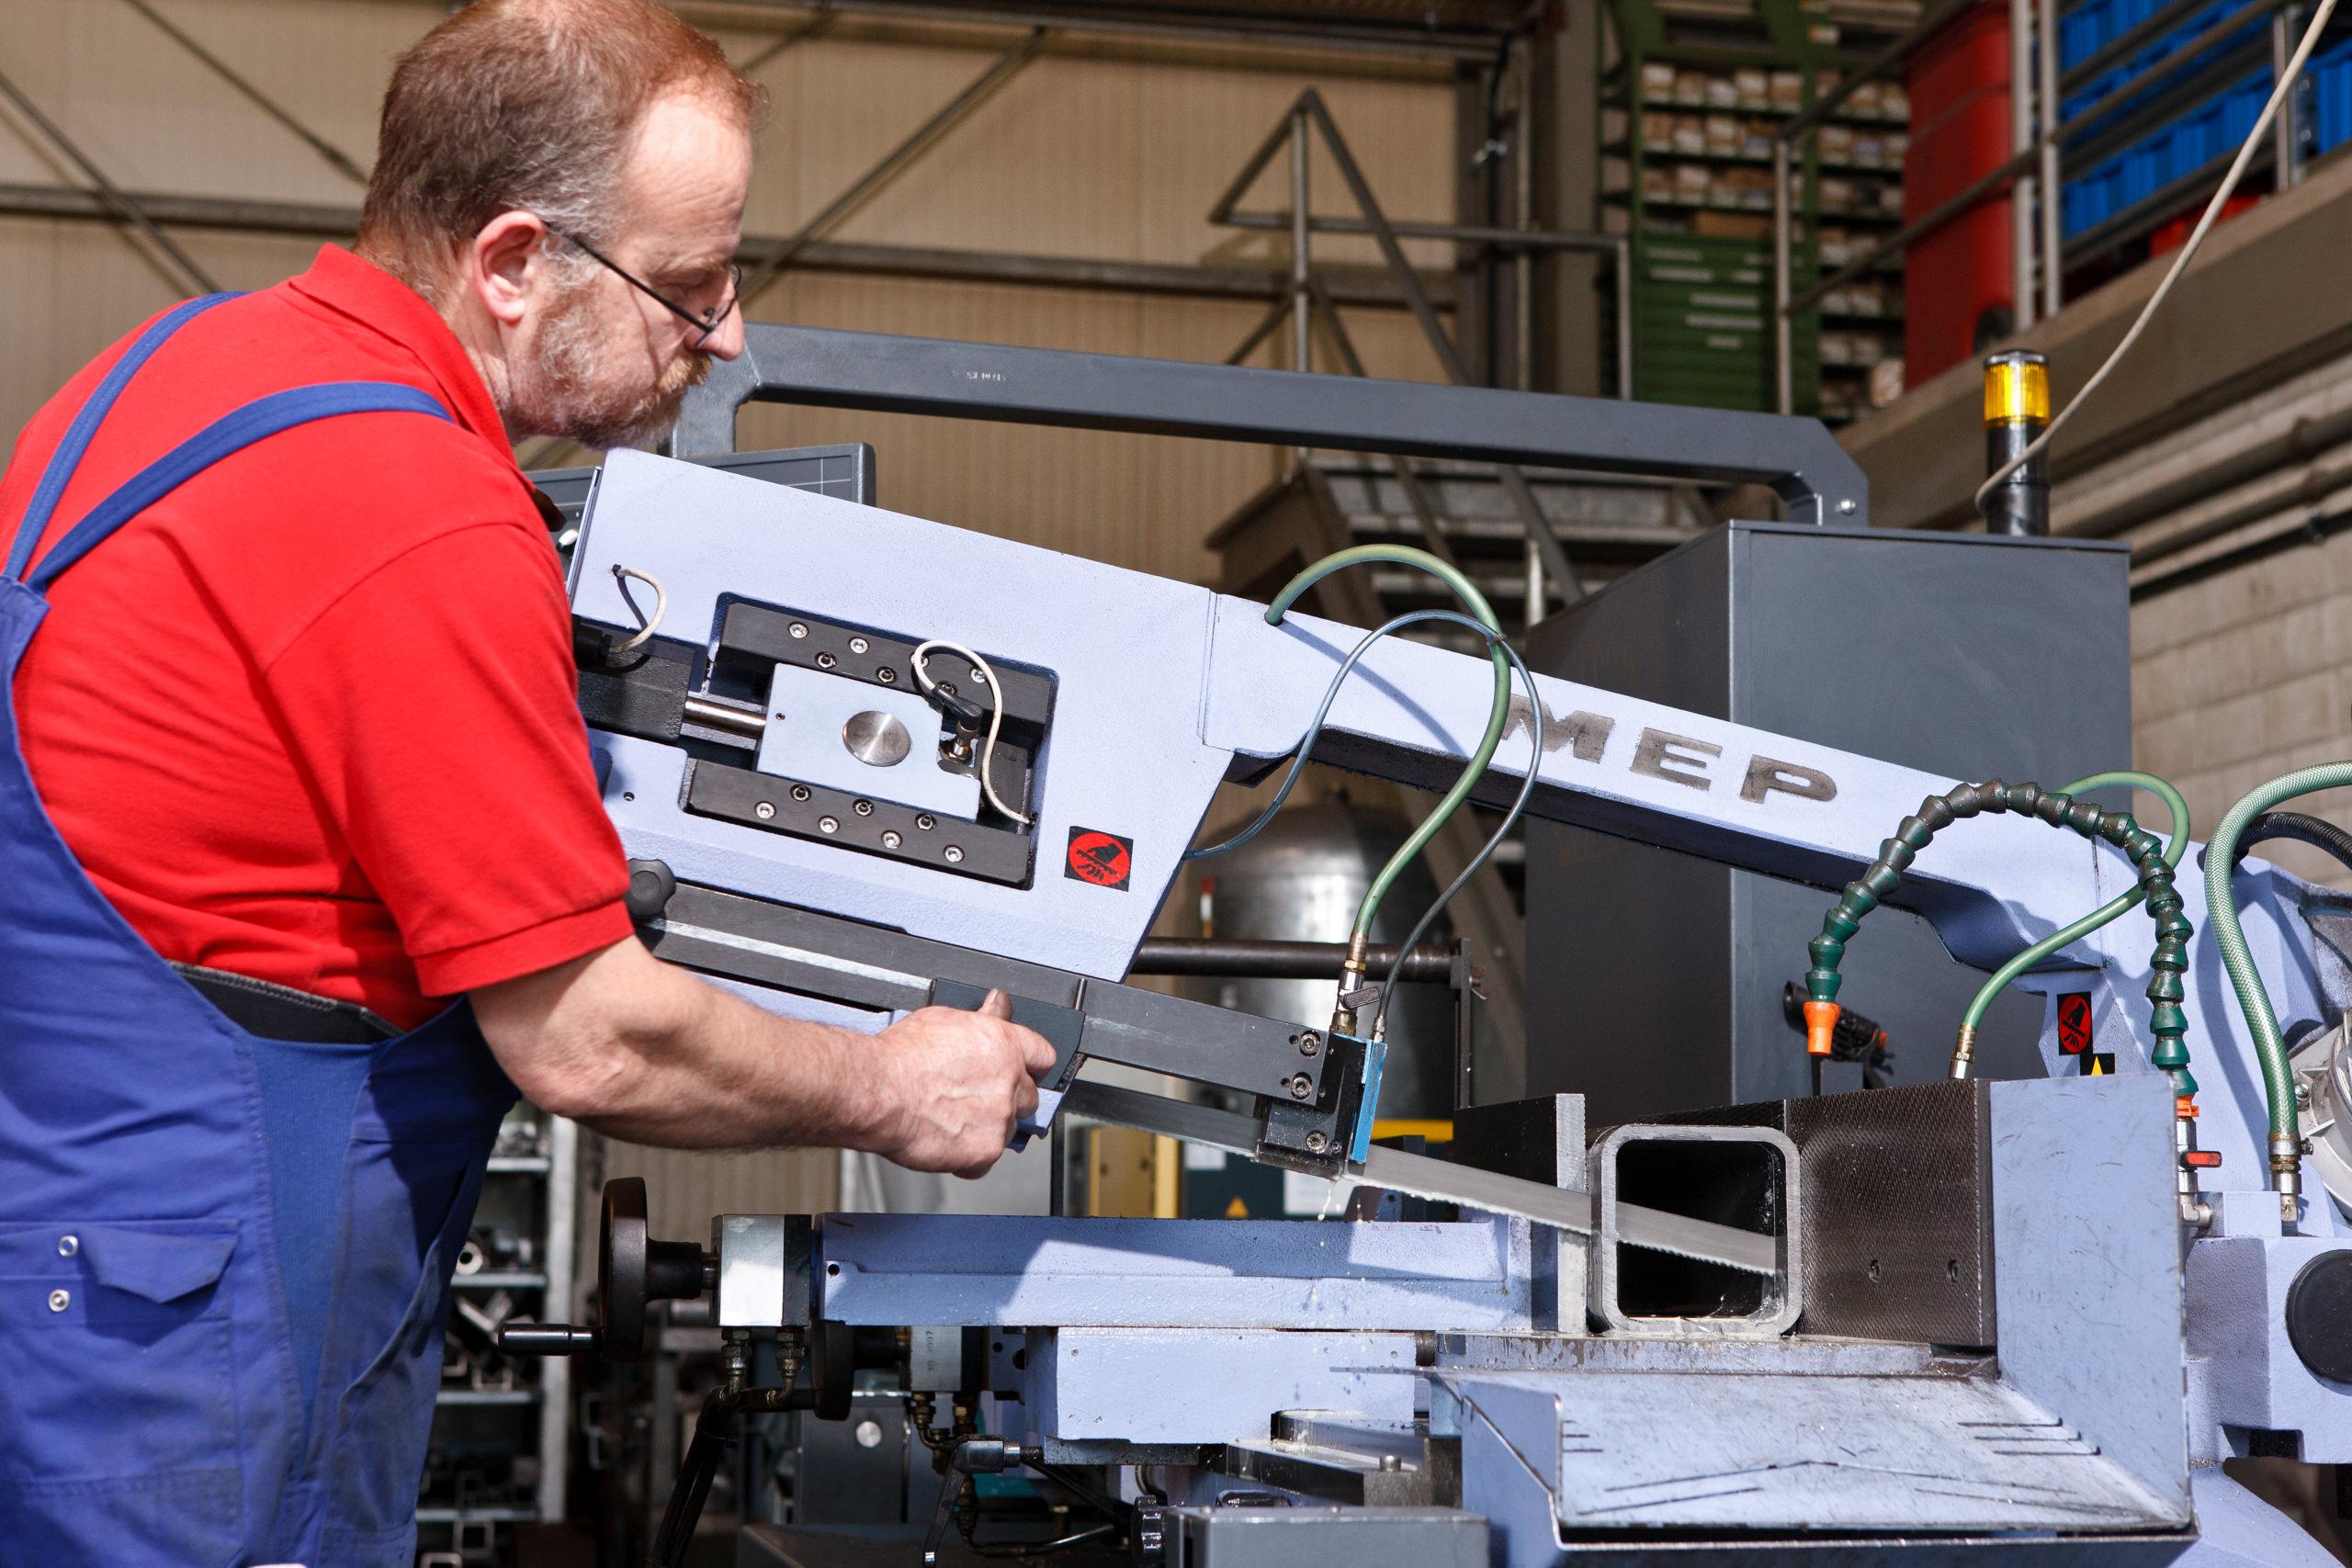 Fertigung von individuellen Komponenten durch Mutter Metalltechnik in Wutöschingen.